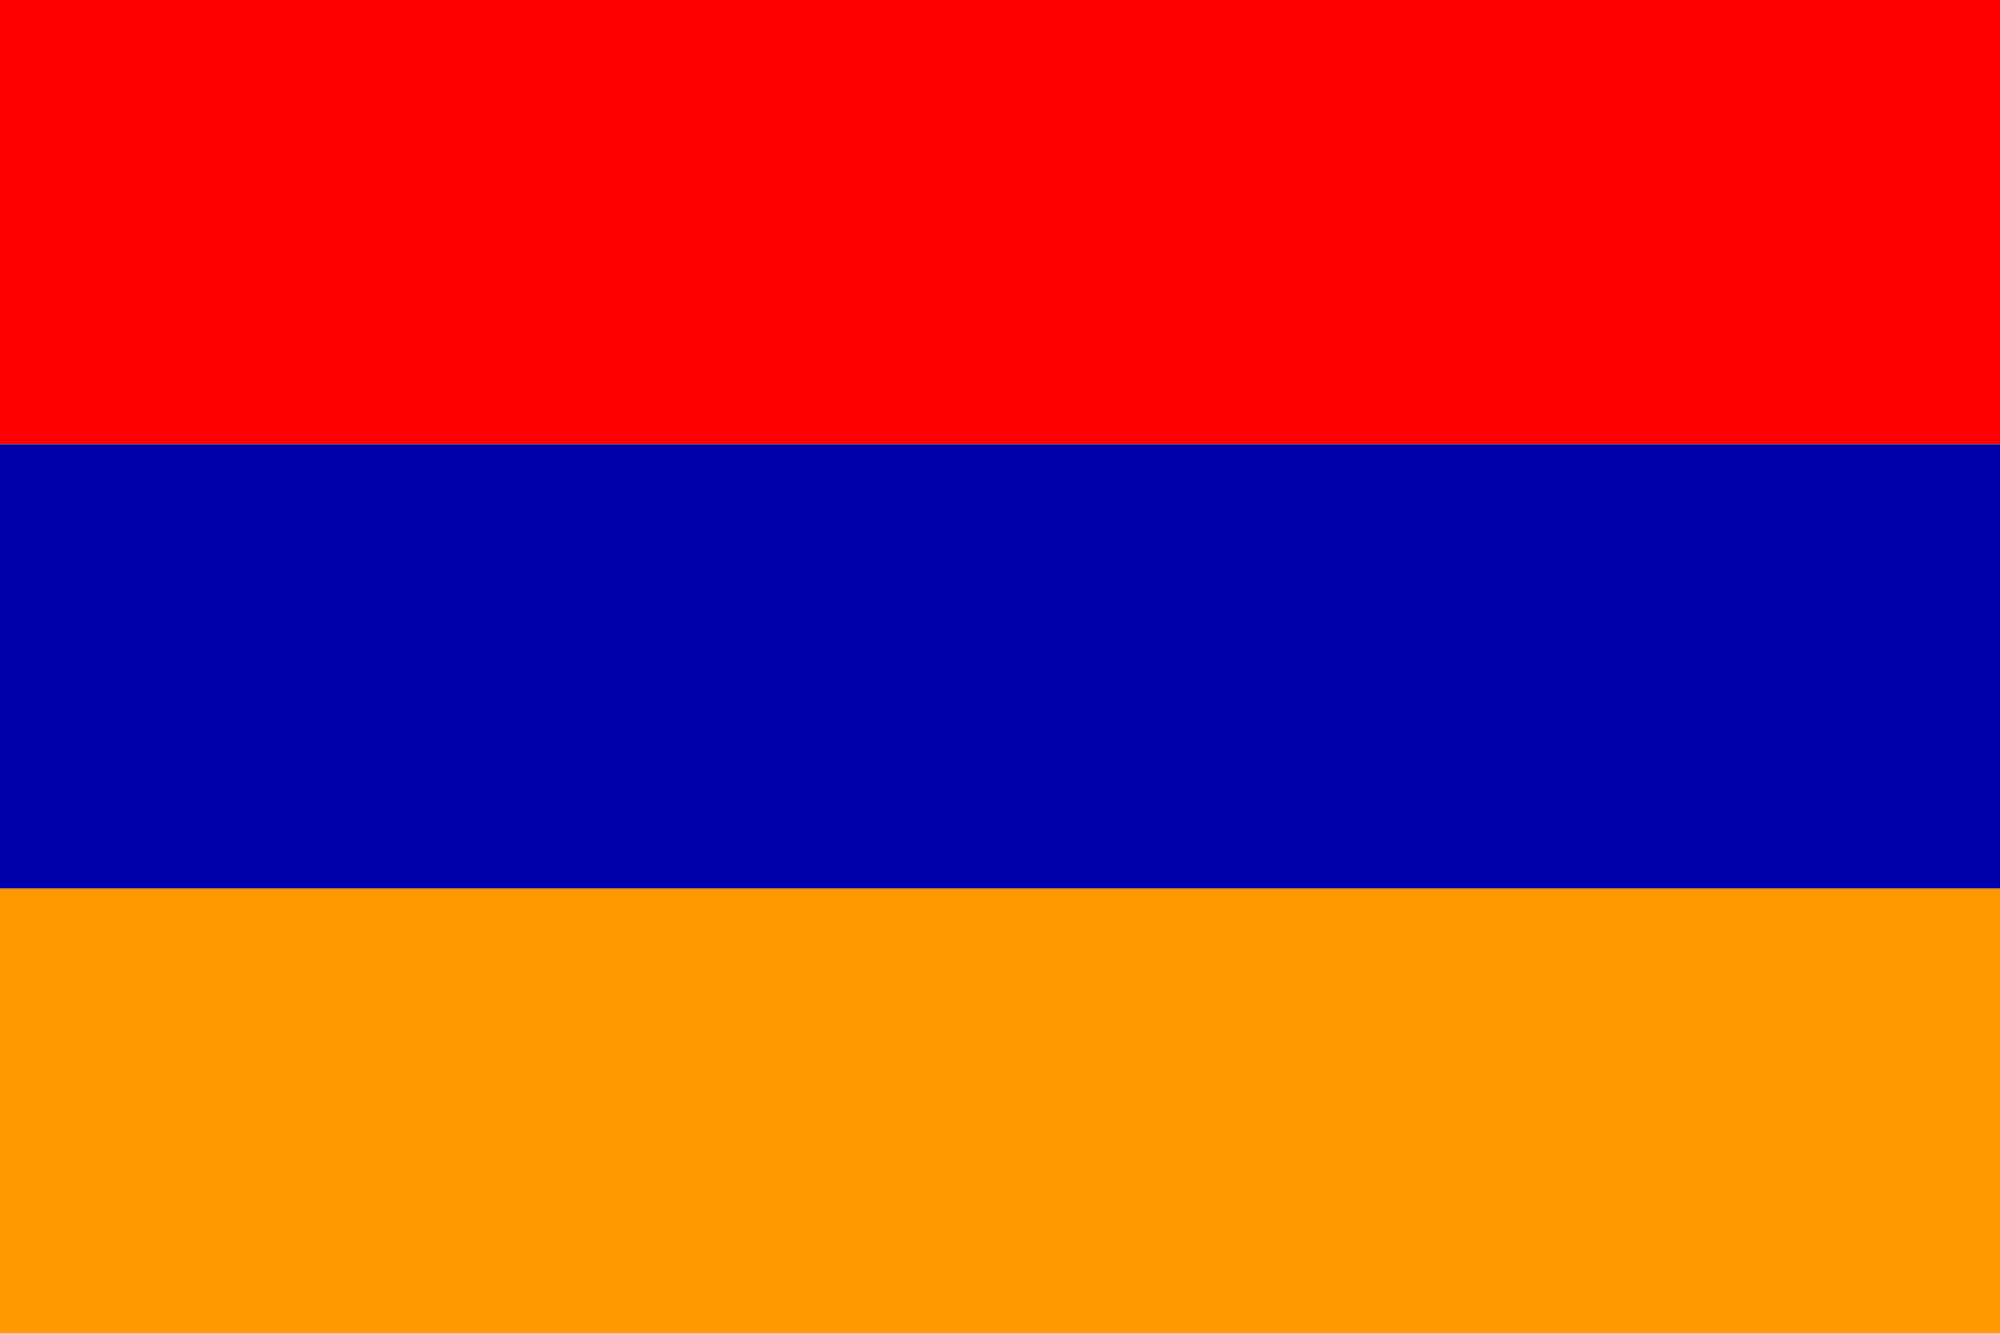 Democratic_Republic_of_Armenia